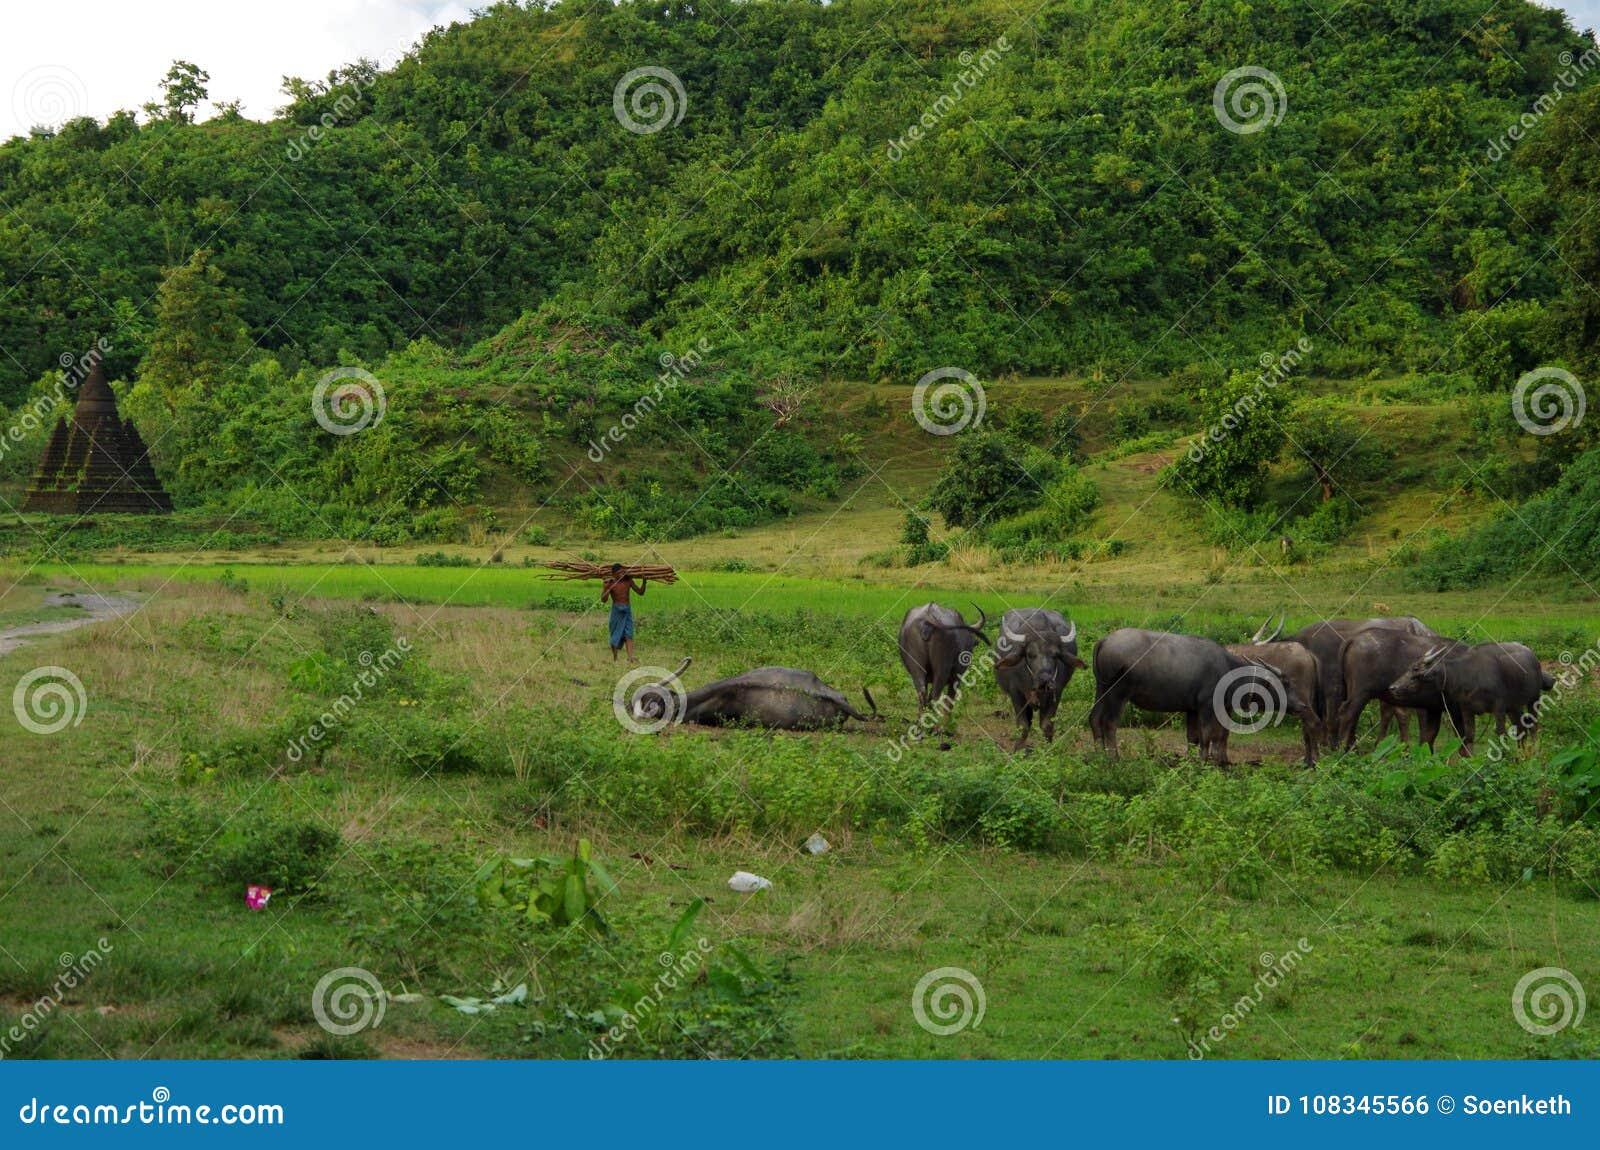 Eine Herde von Wasserbüffeln in der warmen Sonne des späten Nachmittages in Mrauk U, Myanmar